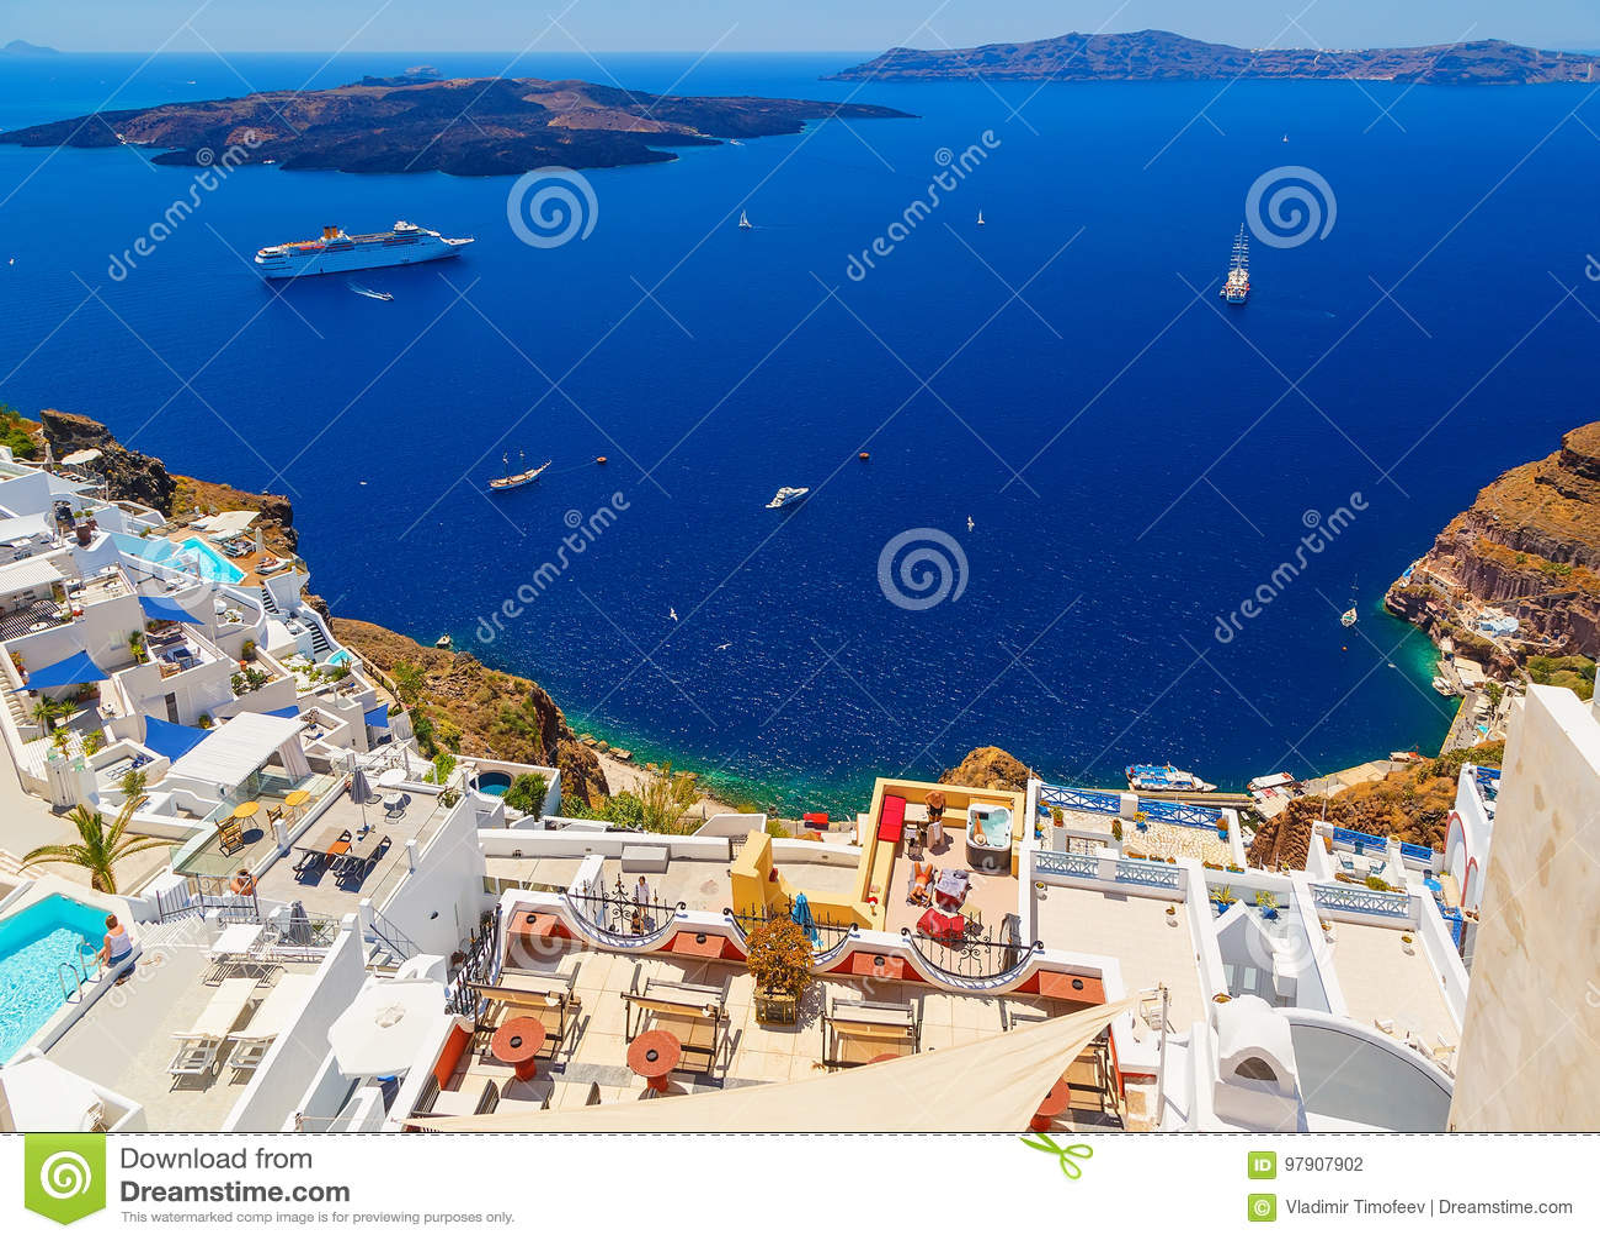 Caldera vulcanica di Santorini come visto da Fira, capitale di Santorini, Grecia Hotel con i turisti vacationing